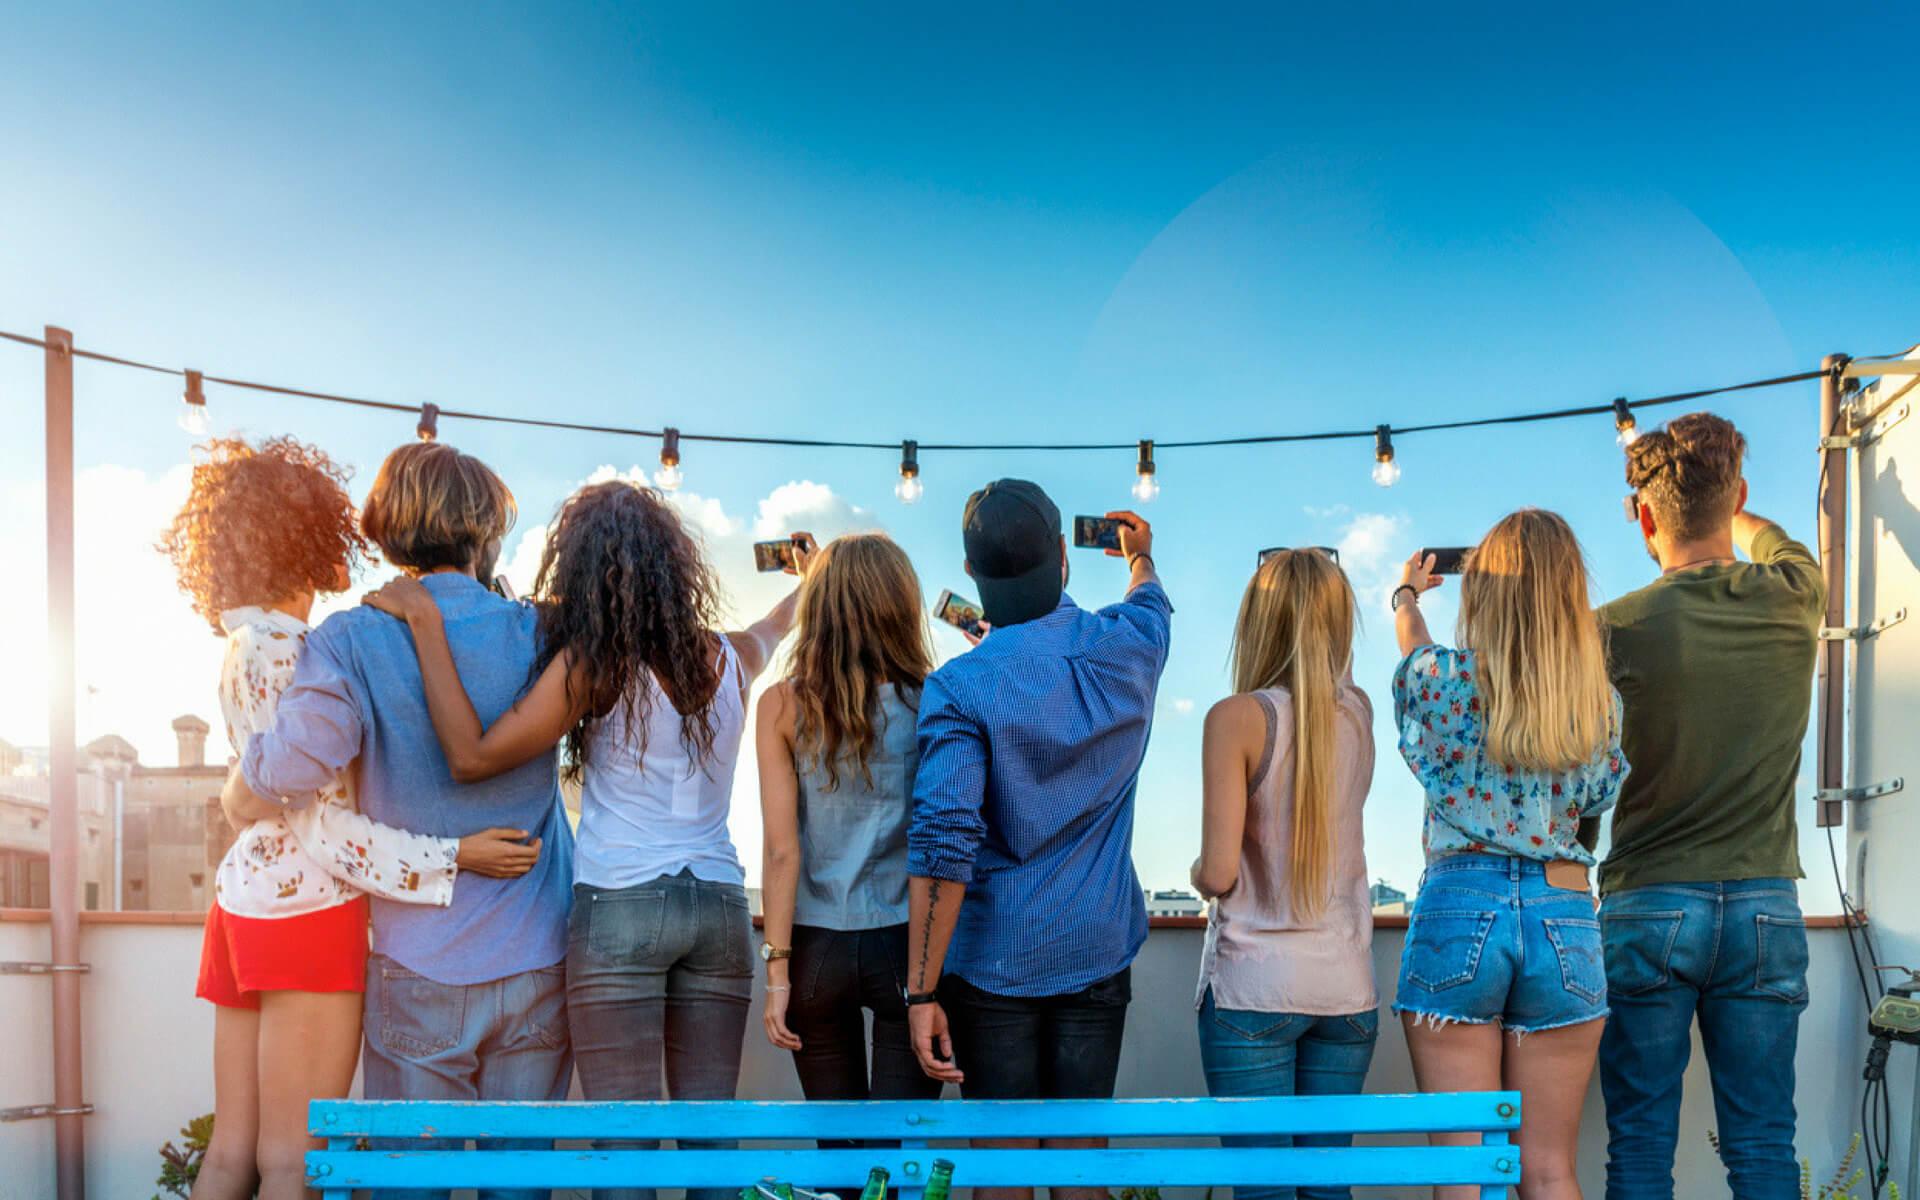 Consigli utili per organizzare un bellissimo party a Ferragosto